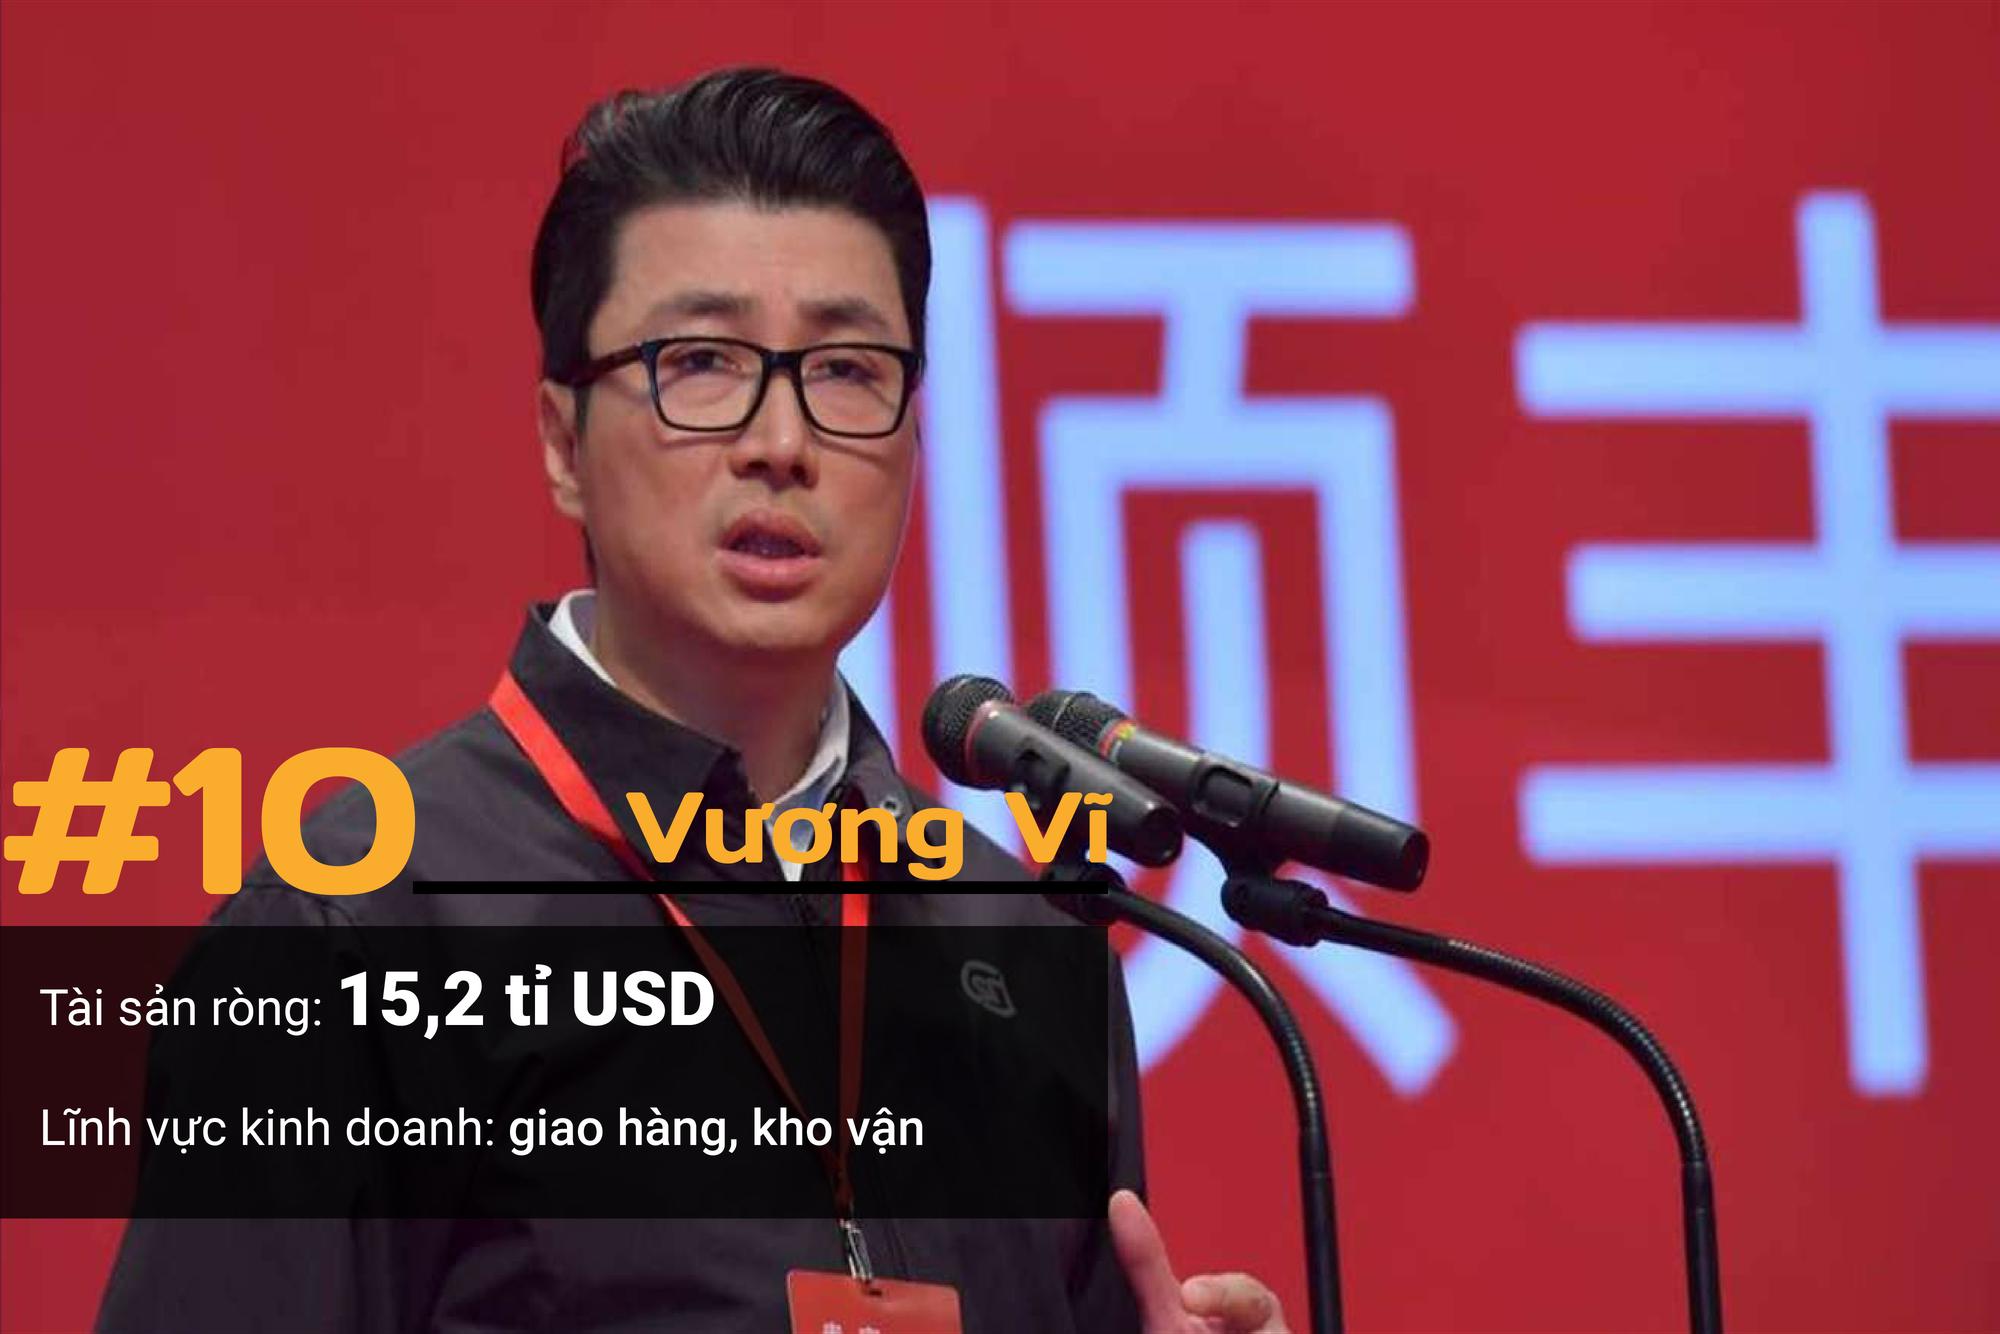 Jack Ma vẫn là người giàu nhất, Trung Quốc có tỉ phú nuôi heo - Ảnh 10.